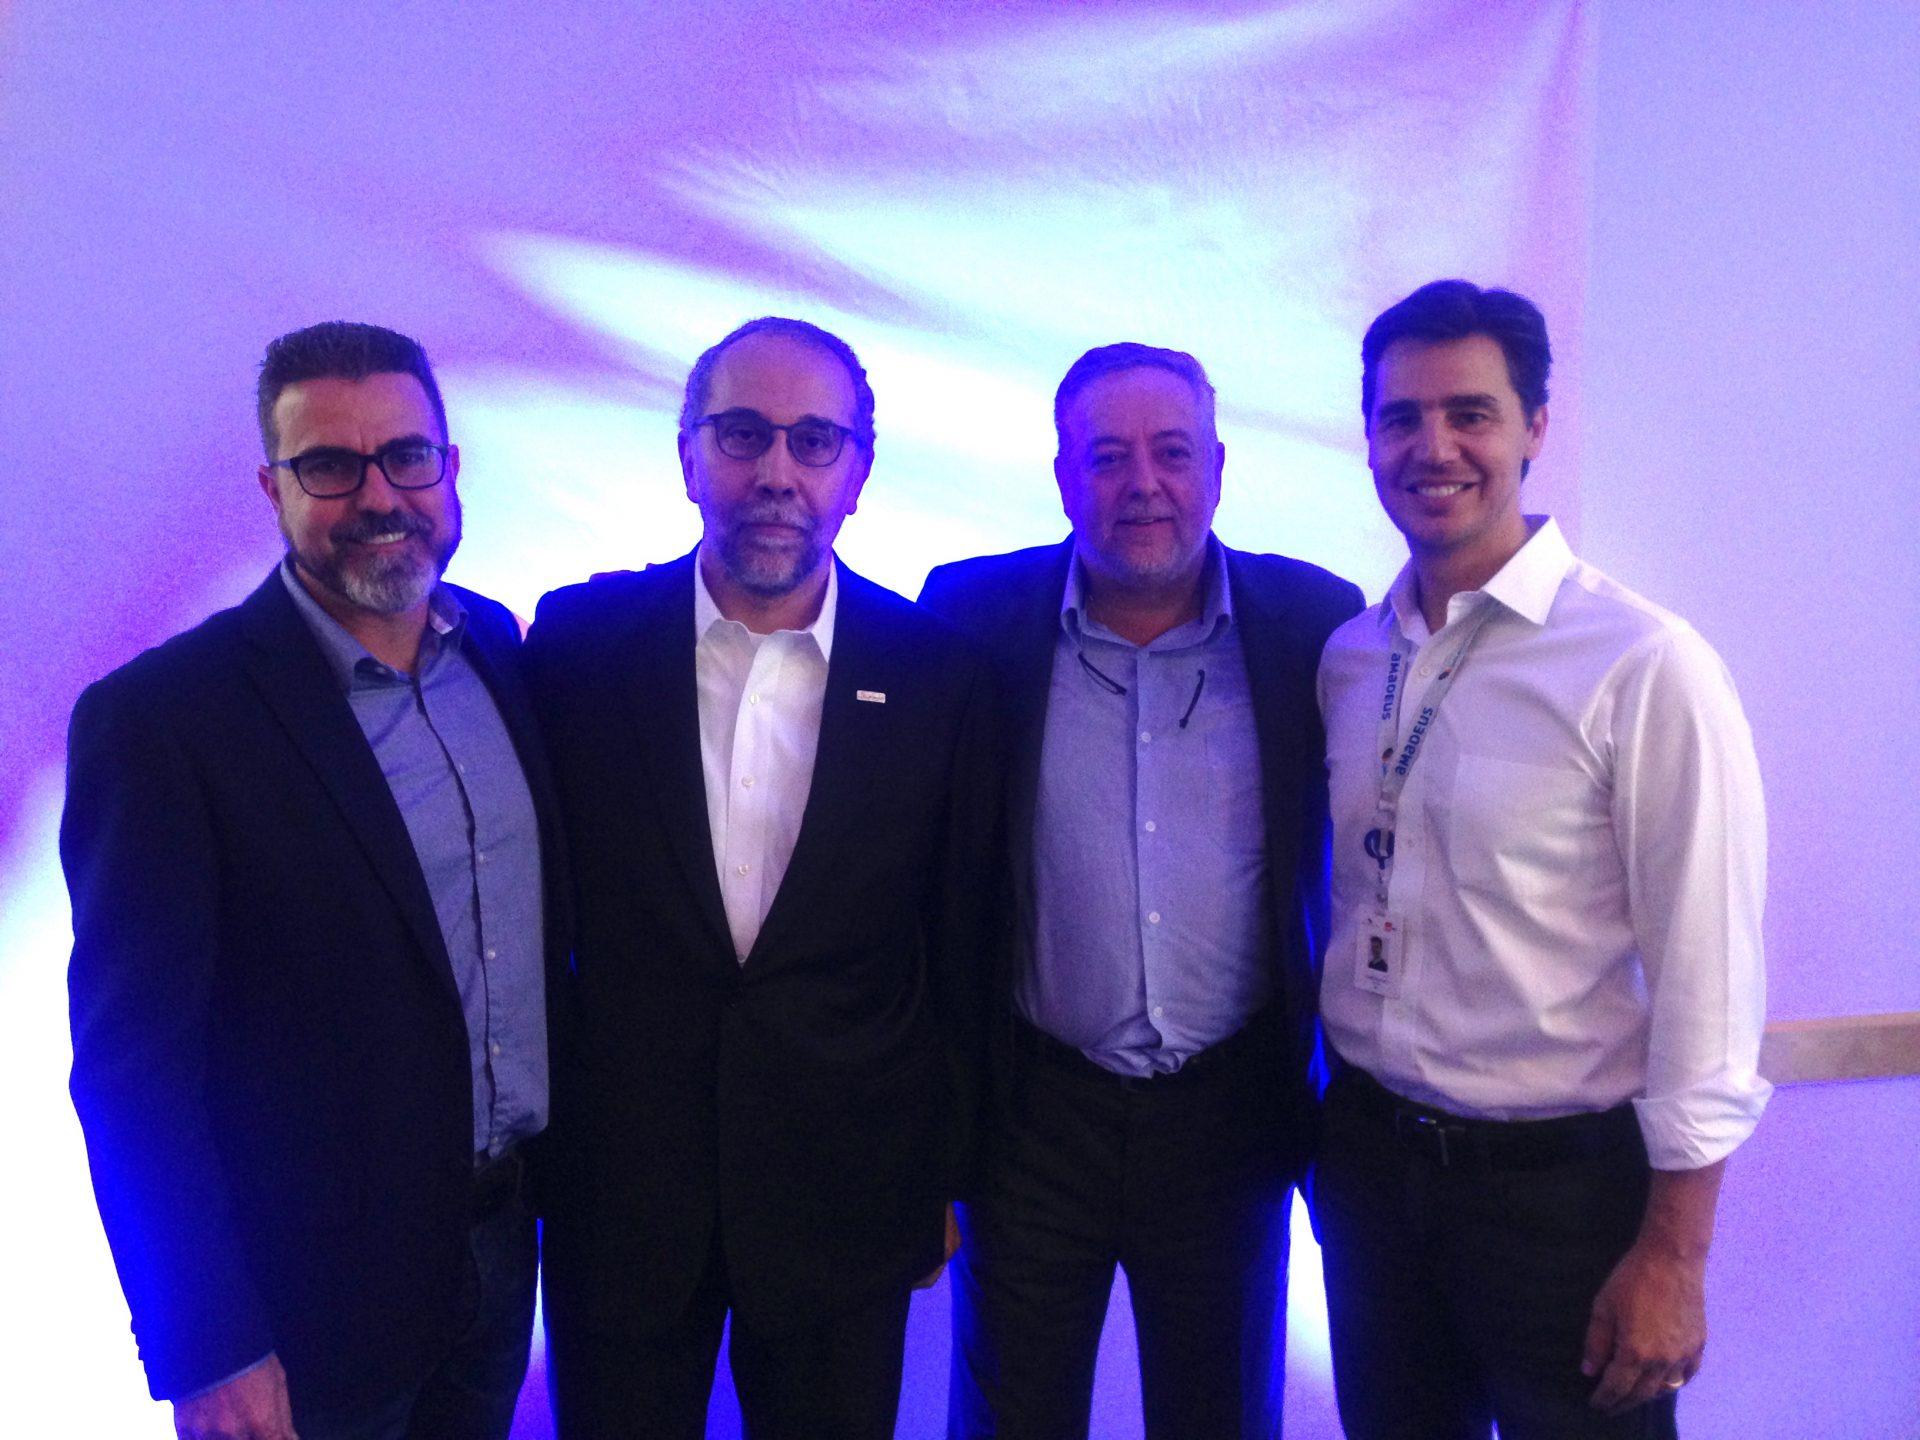 Emerson Amaral, Rui Alves, Michael Barkoczy e Christiano Oliveira, do Grupo Flytour